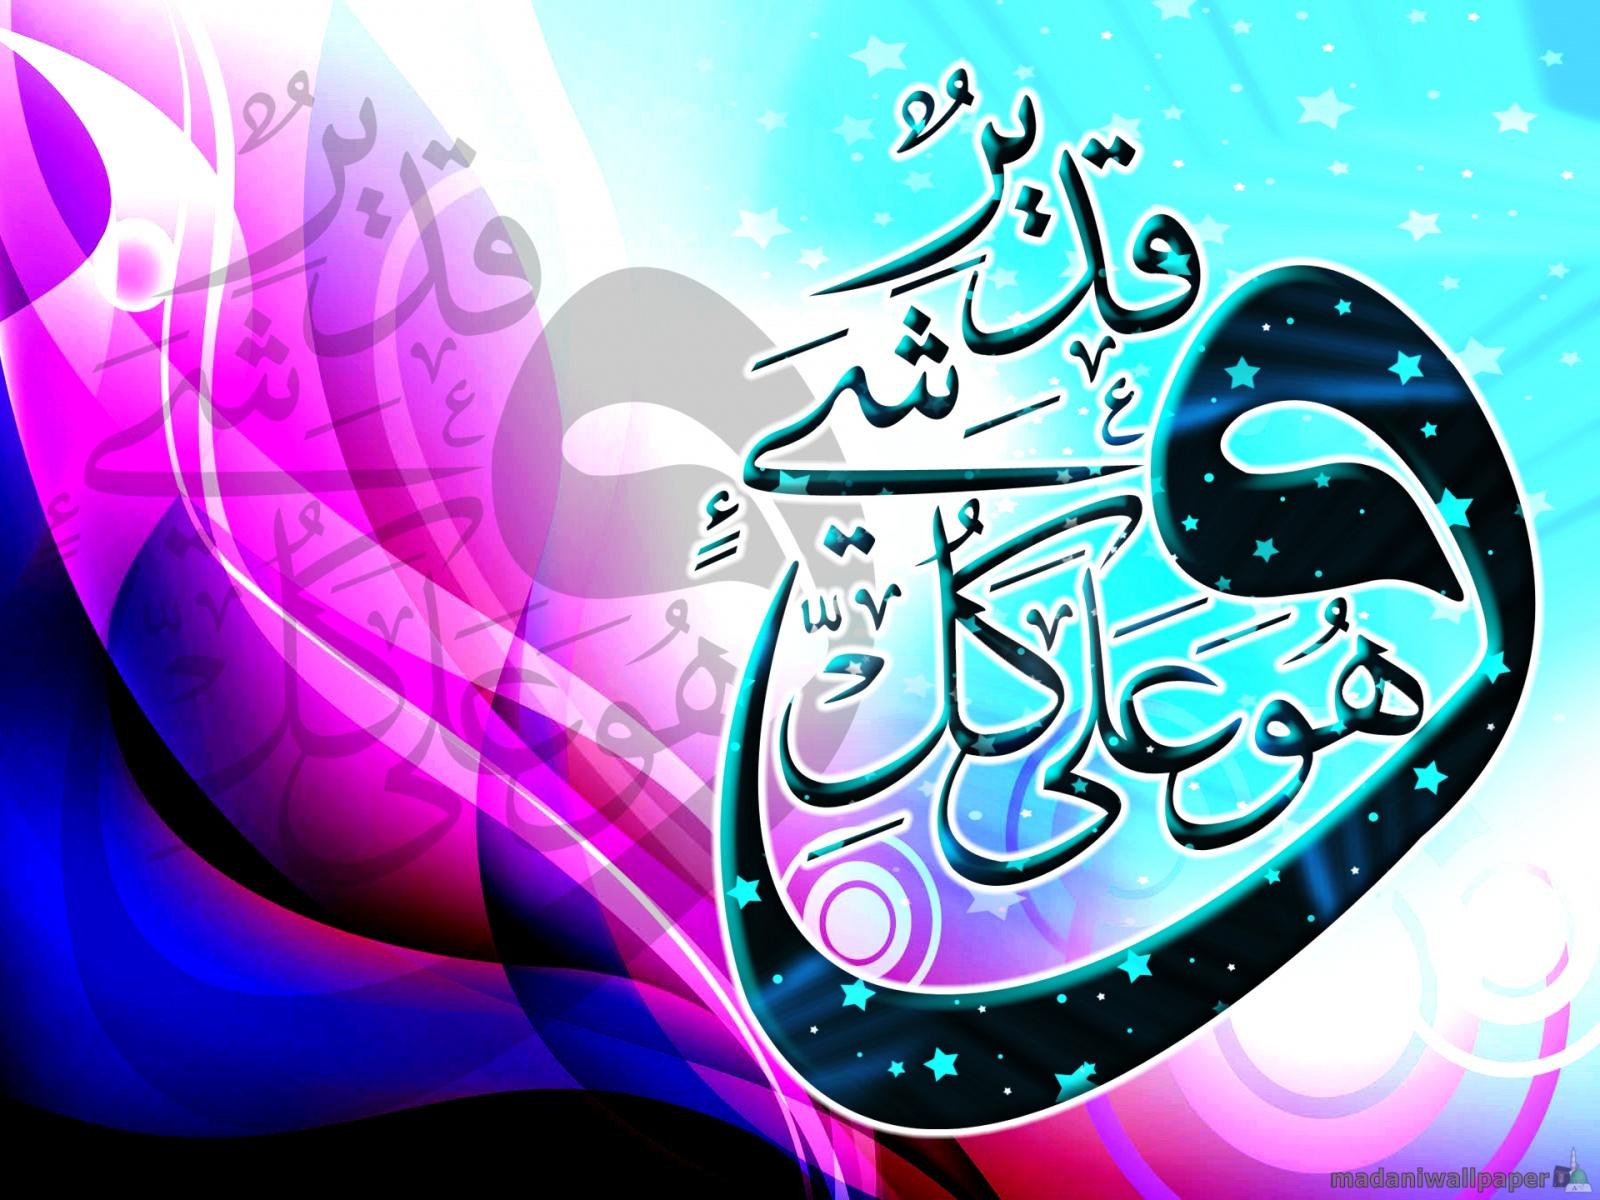 islamic calligraphy wallpaper hd - wallpapersafari